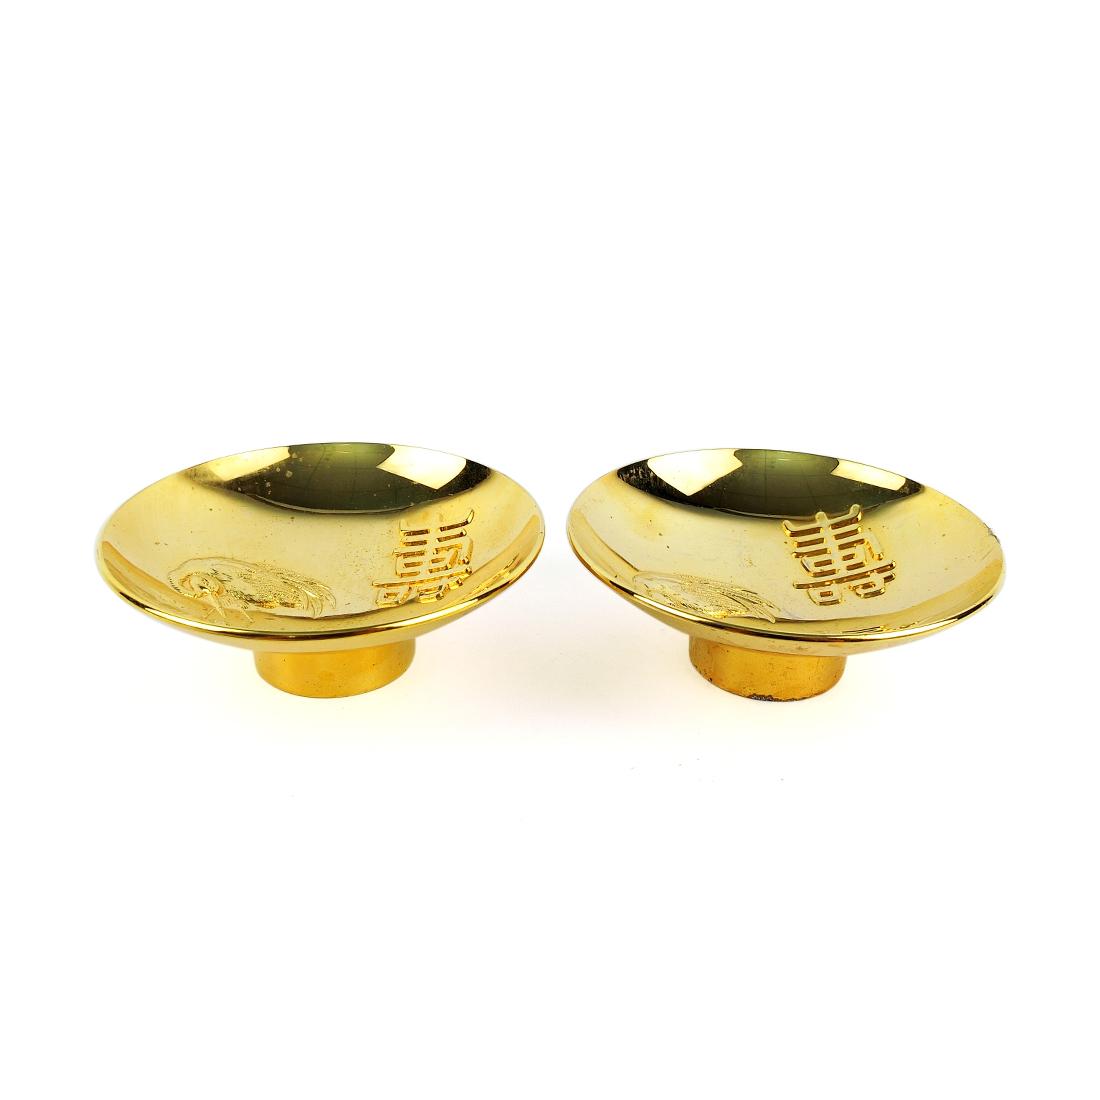 Bộ 2 Chung Mạ Vàng 24K Quy Hạc - Nhật - 7.2 x 2.5 cm - 481074